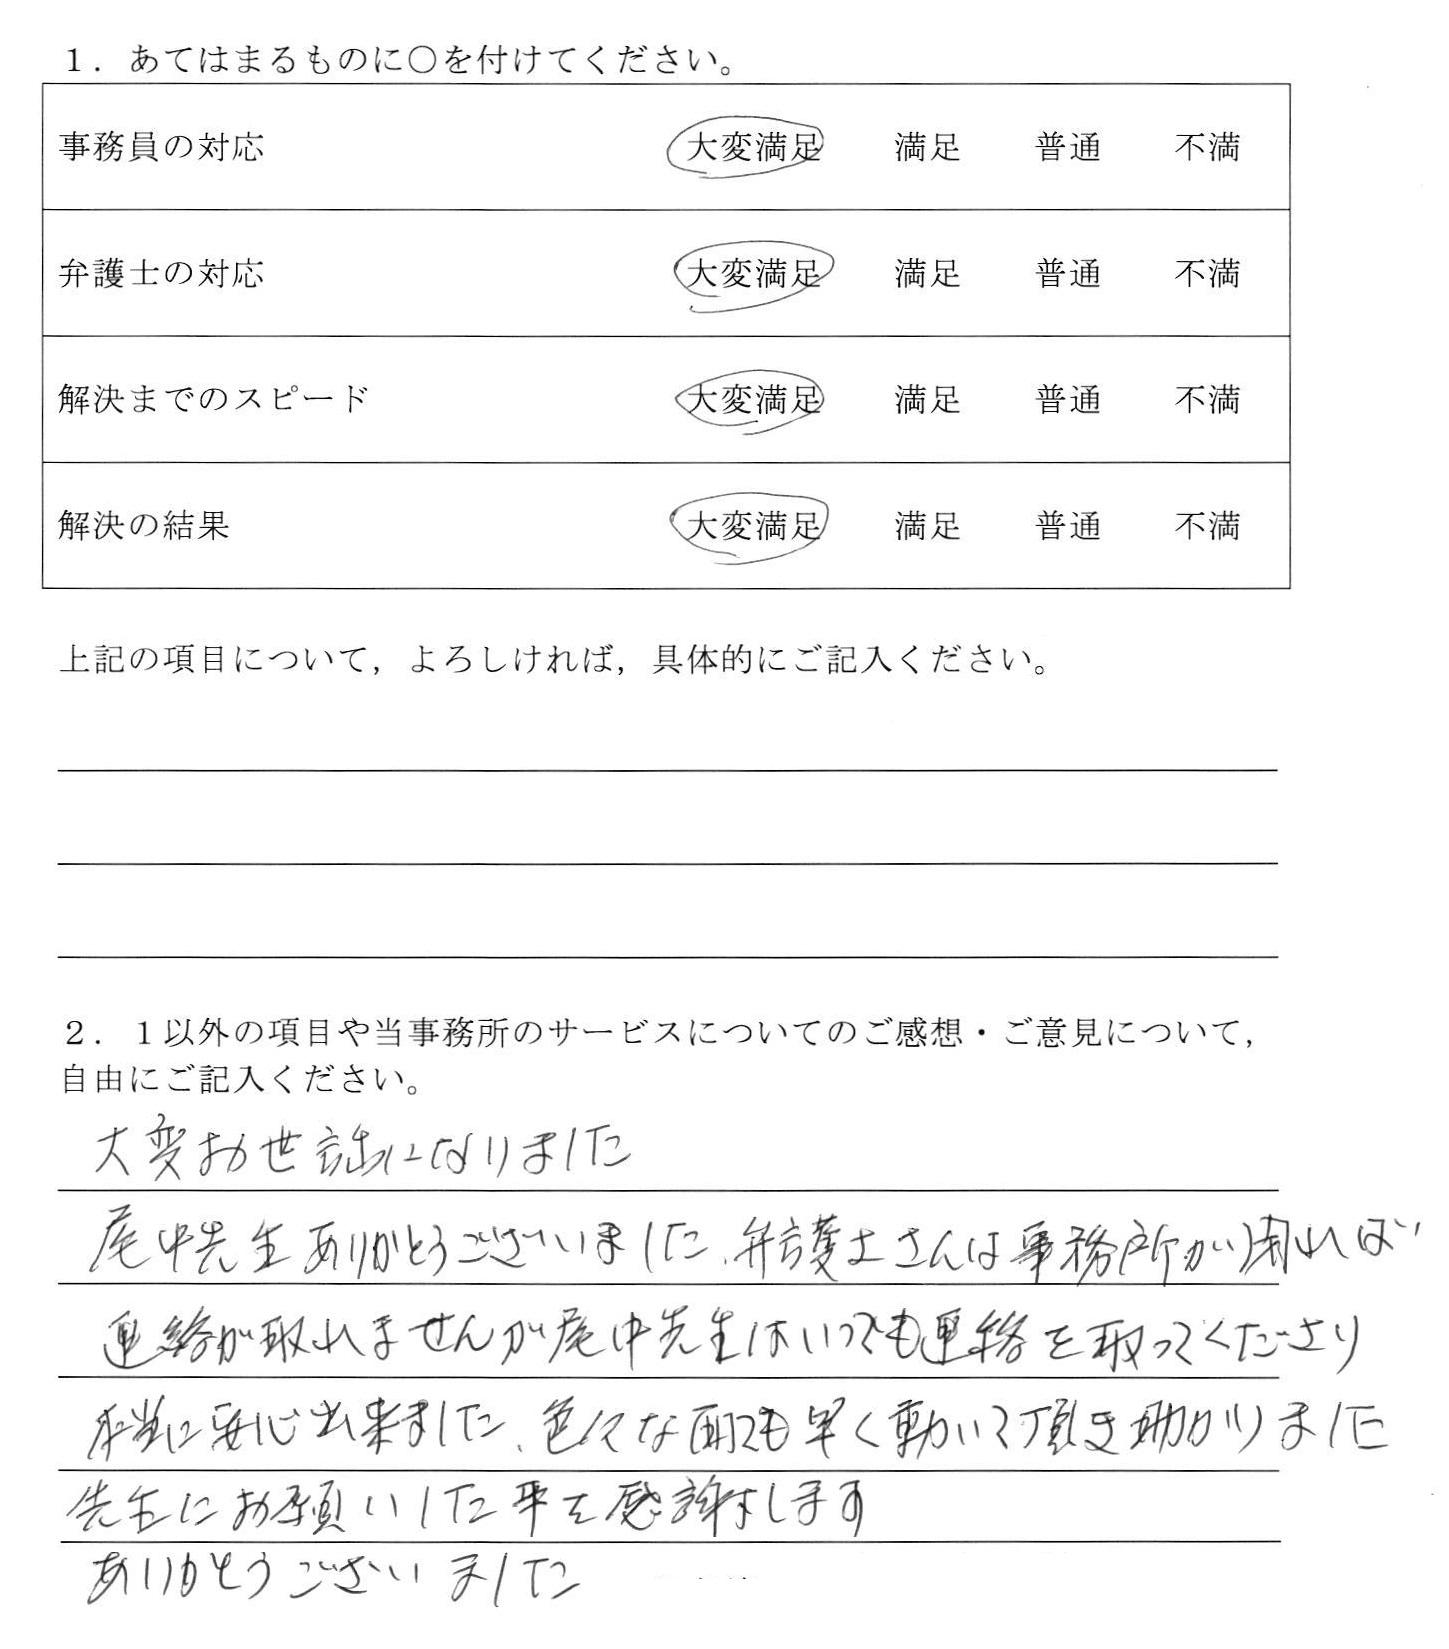 大阪府女性の依頼者様の声 : 大変お世話になりました。 尾中先生ありがとうございました。弁護士さんは事務所が閉れば連絡が取れませんが尾中先生はいつでも連絡を取ってくださり本当に安心出来ました。いろいろな面でも早く動いて頂き助かりました。先生ににお願いした事を感謝します。ありがとうございました。